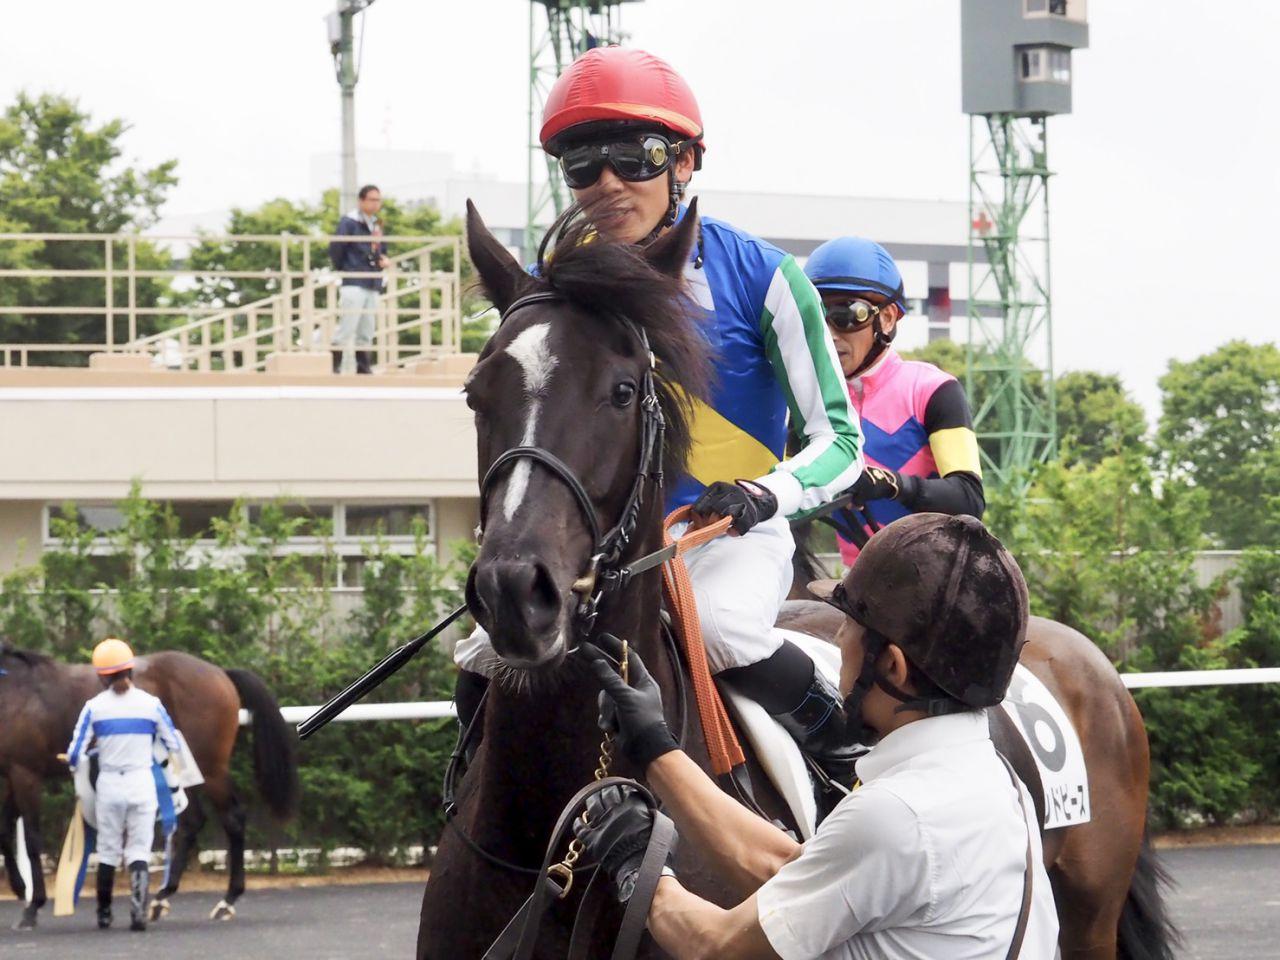 【日曜福島/新馬6R】三浦「上のクラスでもやれる」ホープホワイトがデビューV!